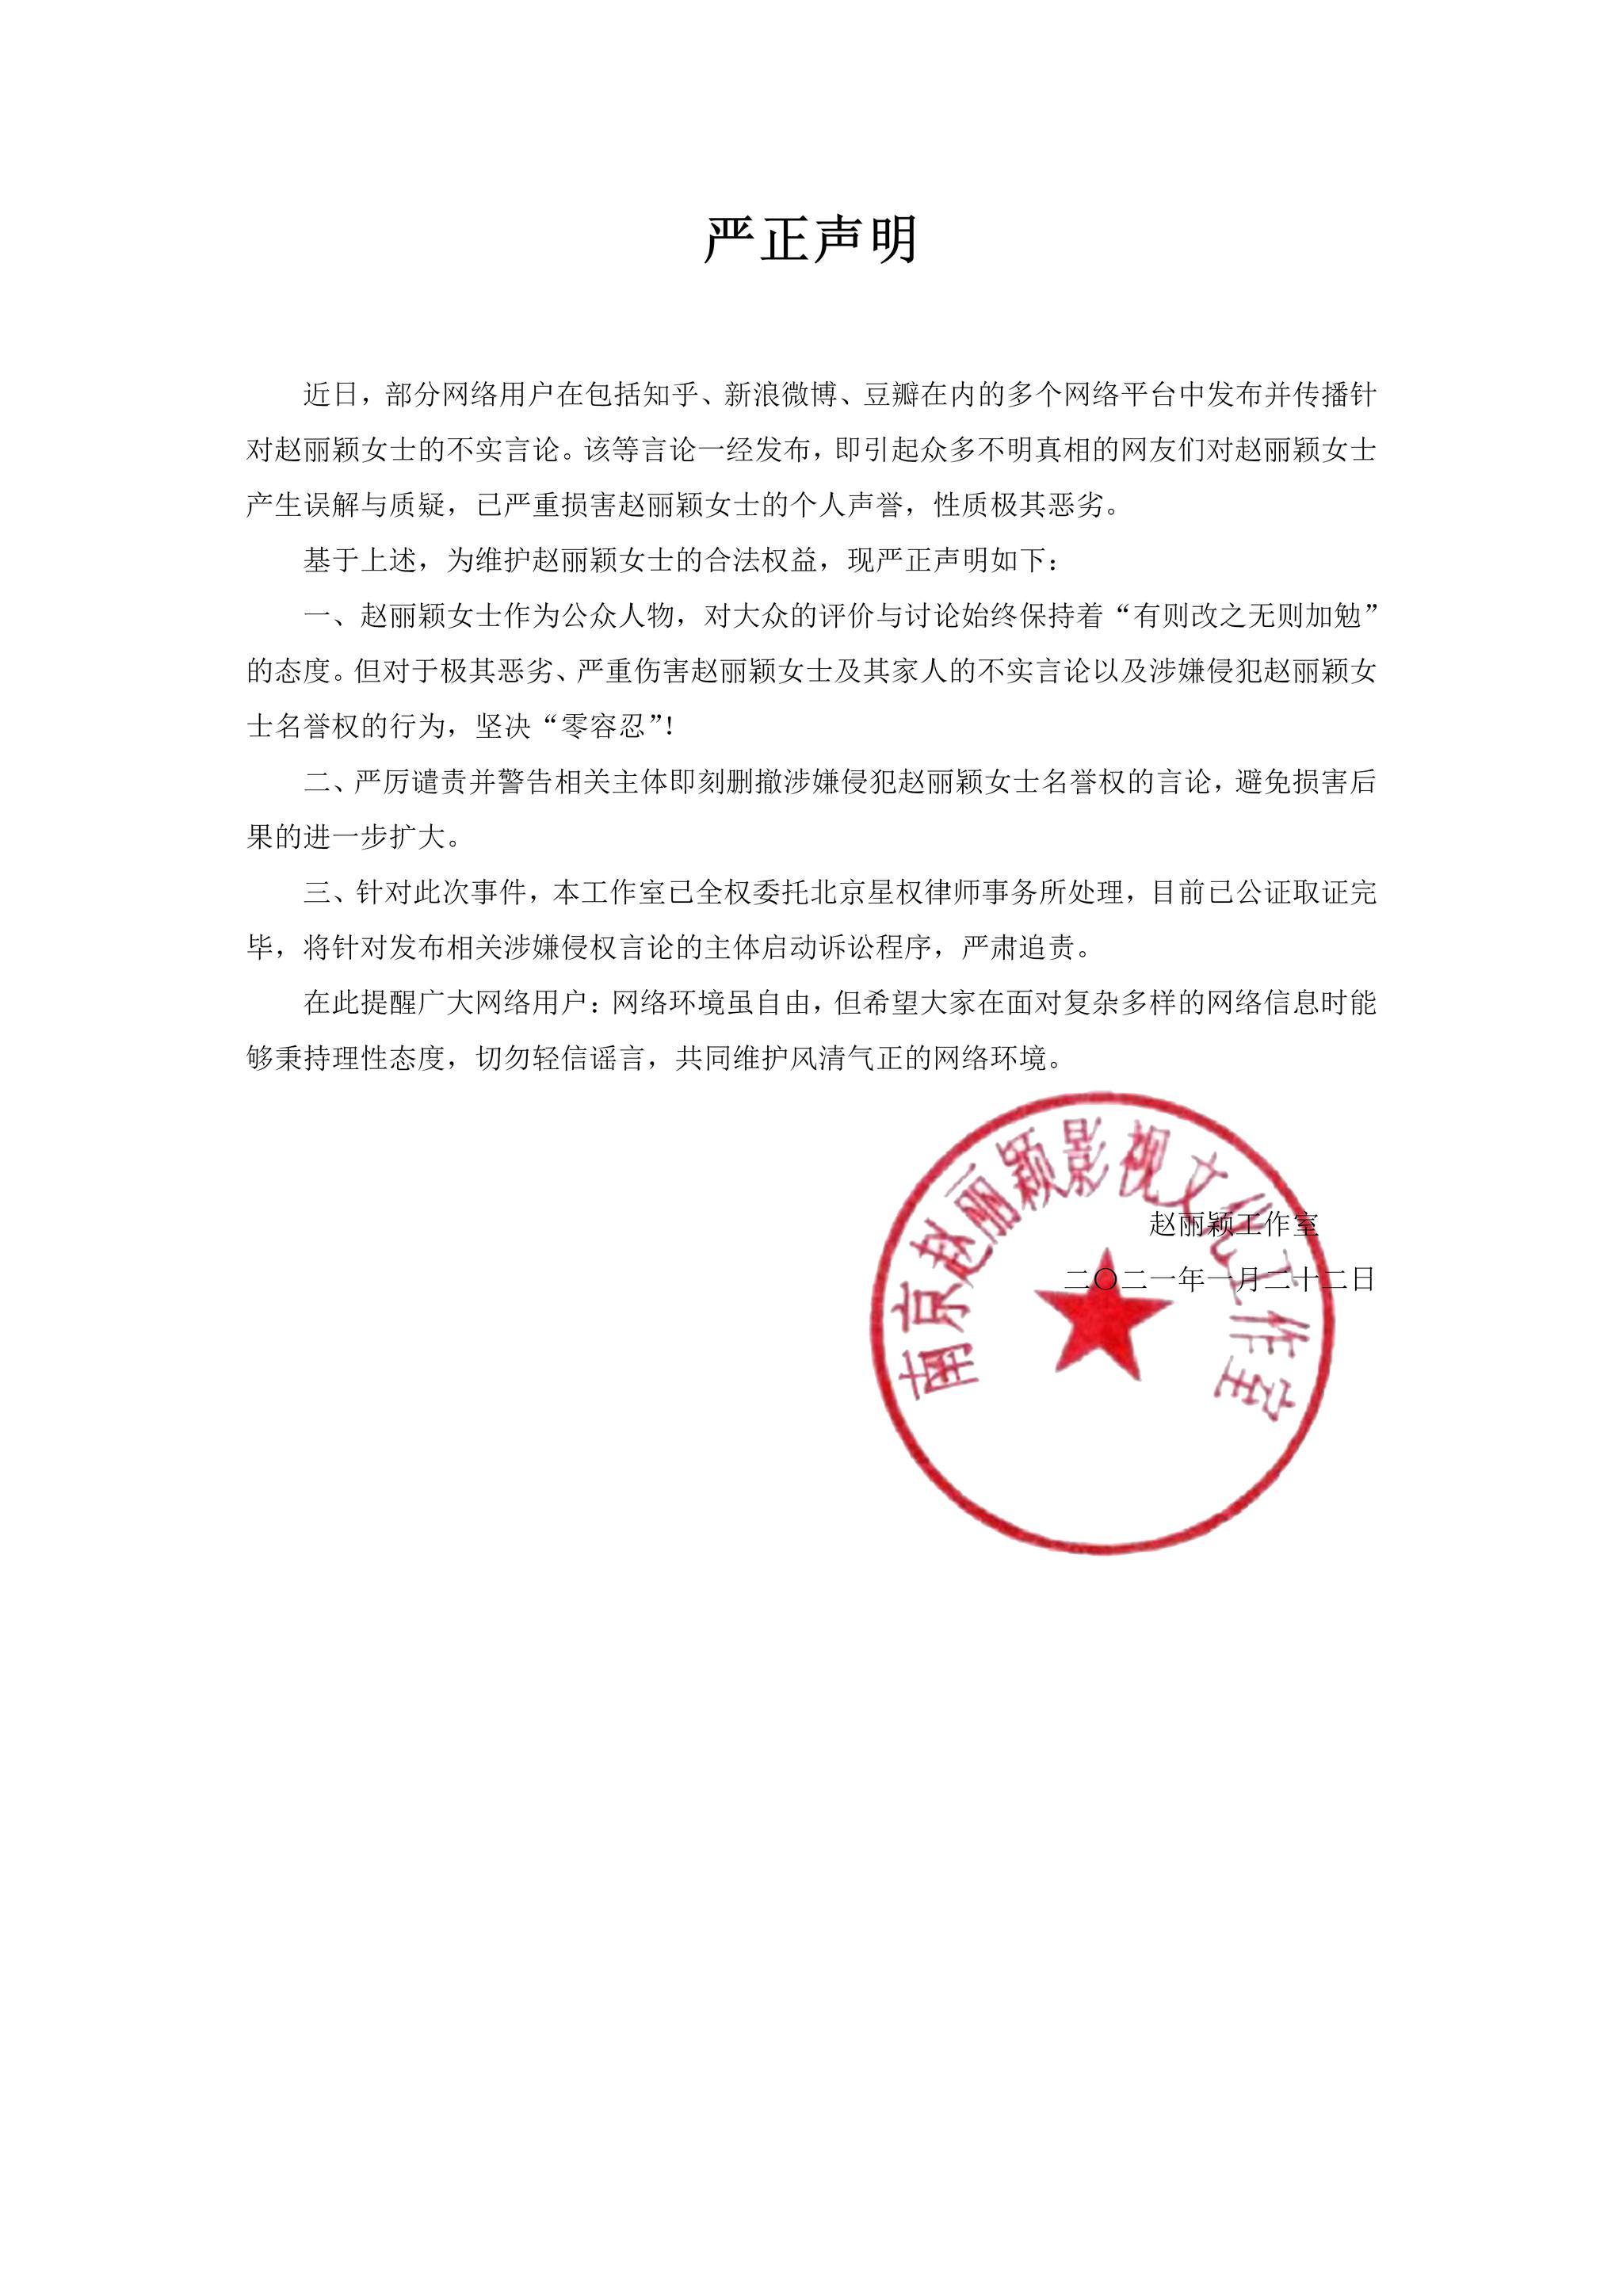 赵丽颖工作室谴责恶意造谣者:对侵犯名誉权零容忍